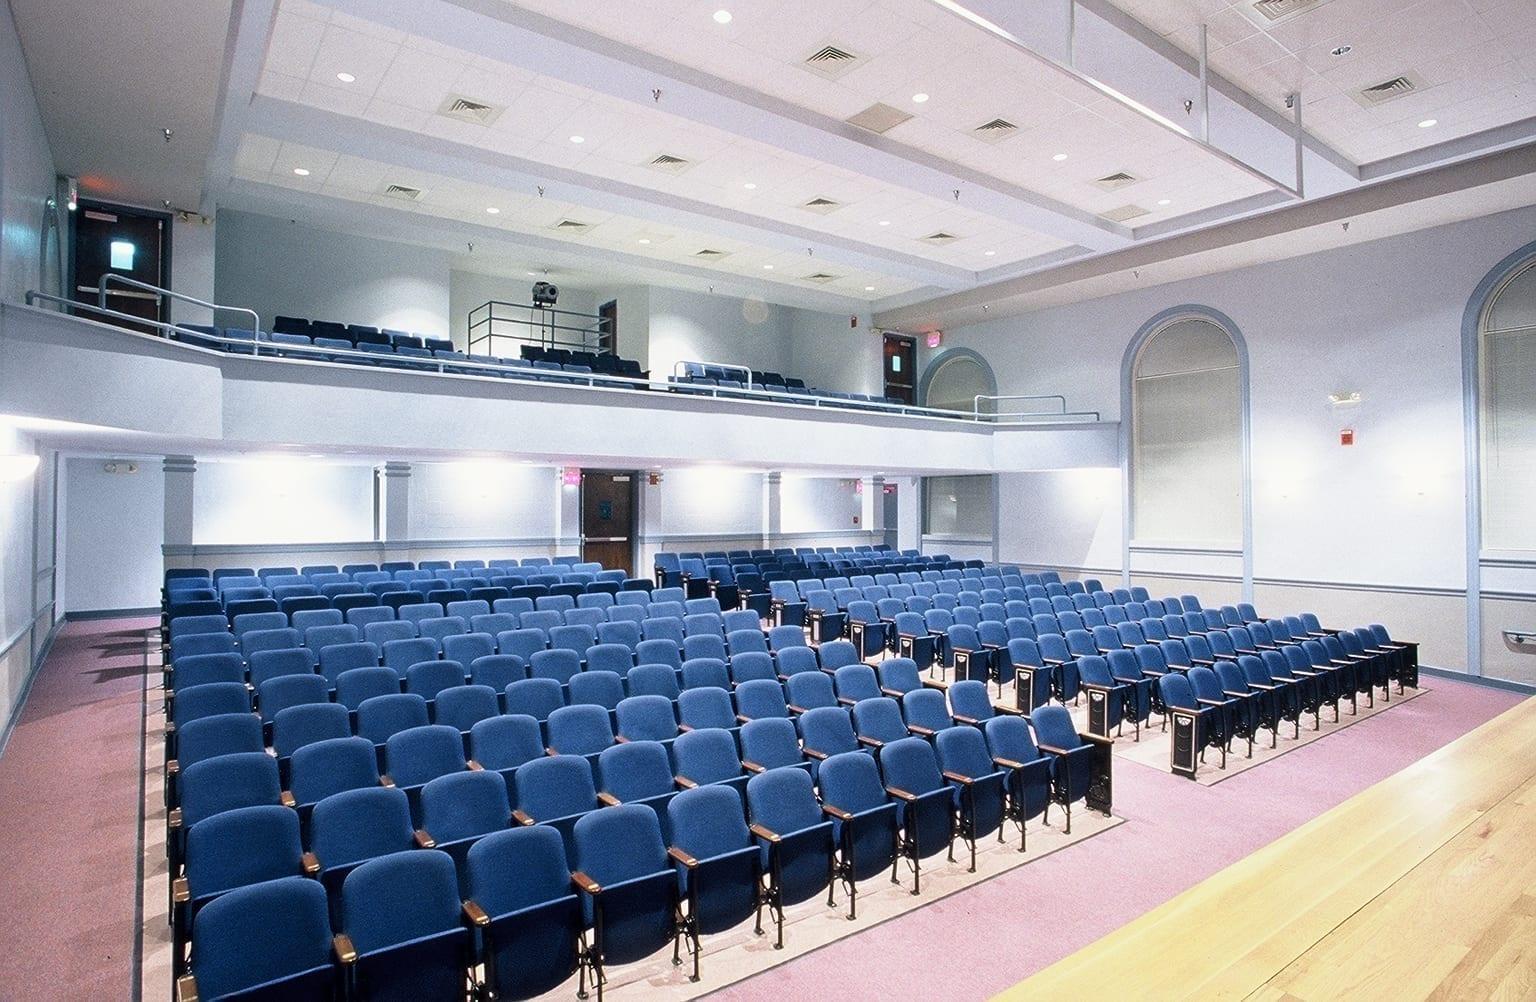 HFMS auditorium 000111-R1-E015